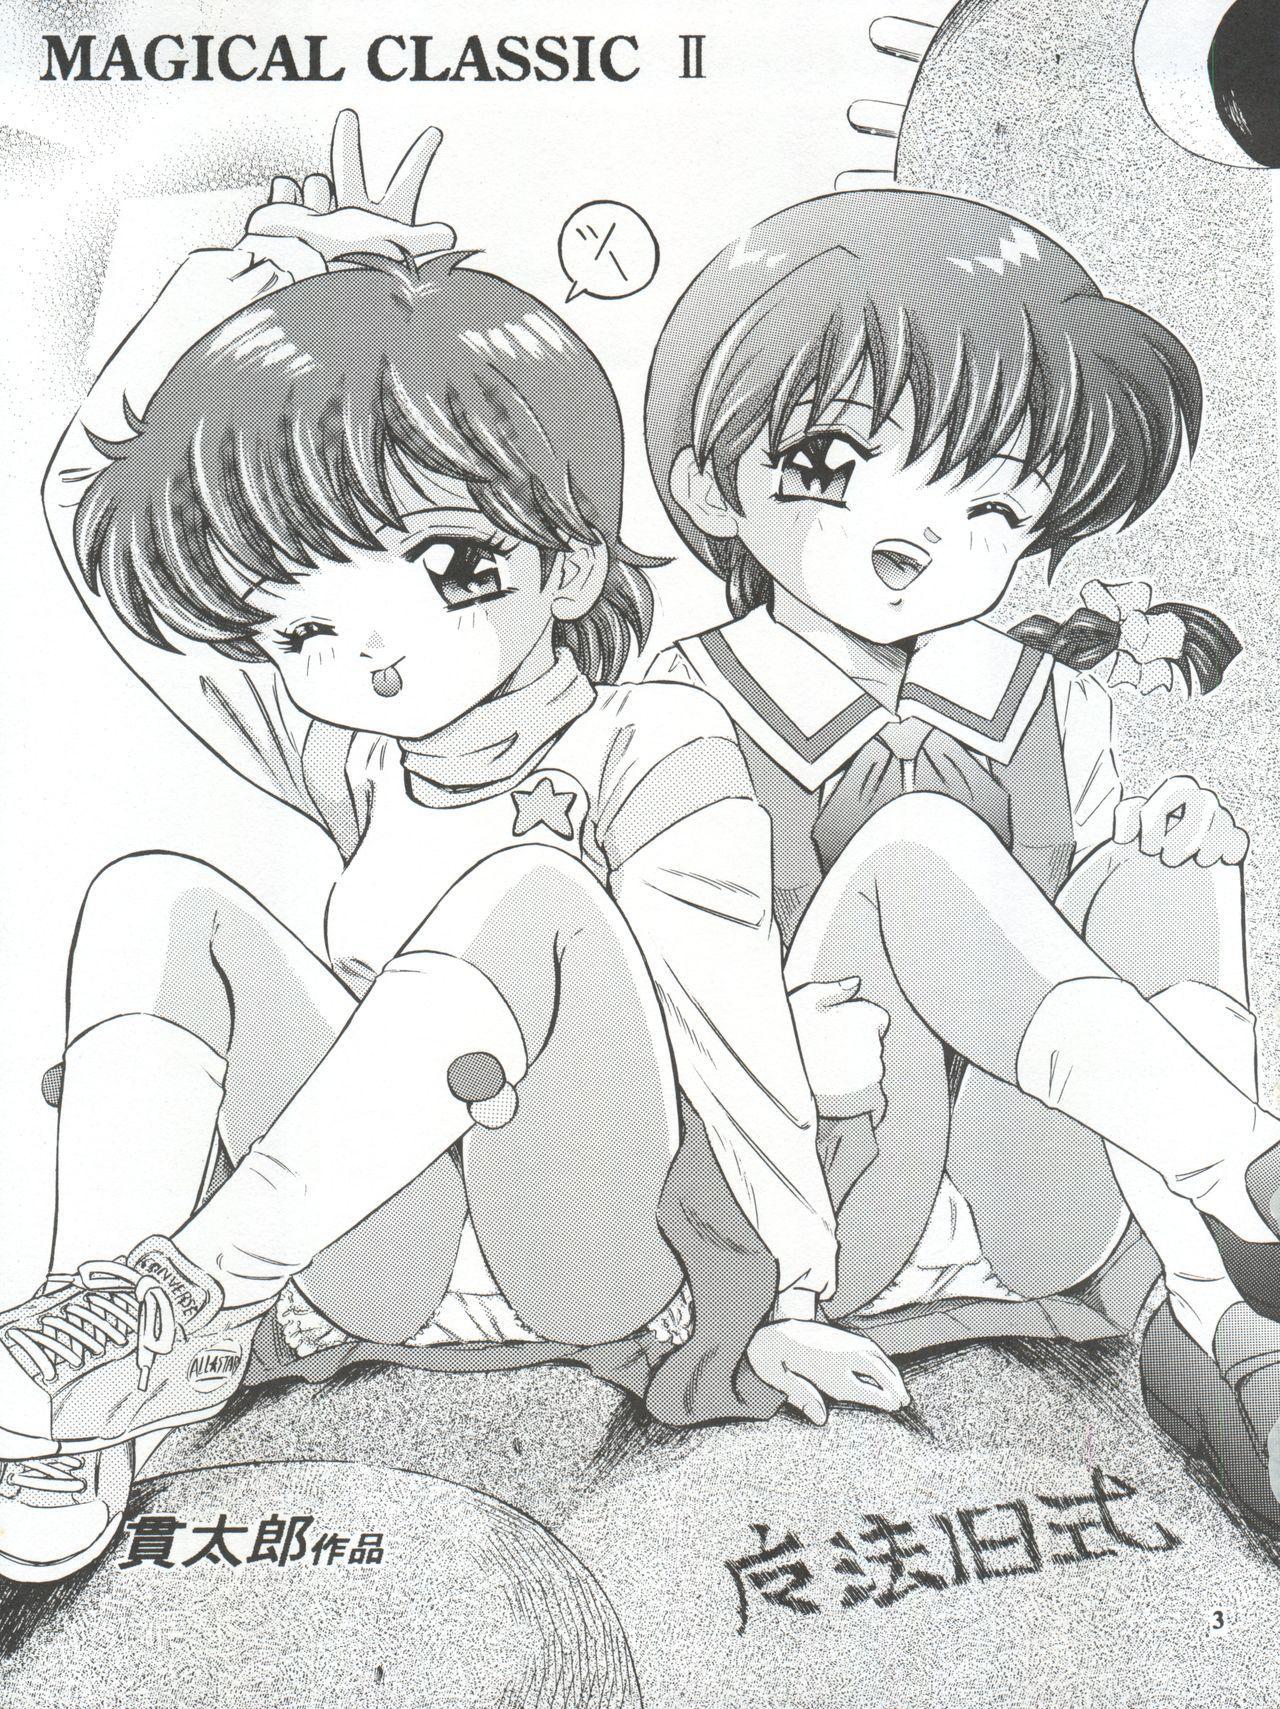 Mahou Kyuushiki II - Magical Classic II 2